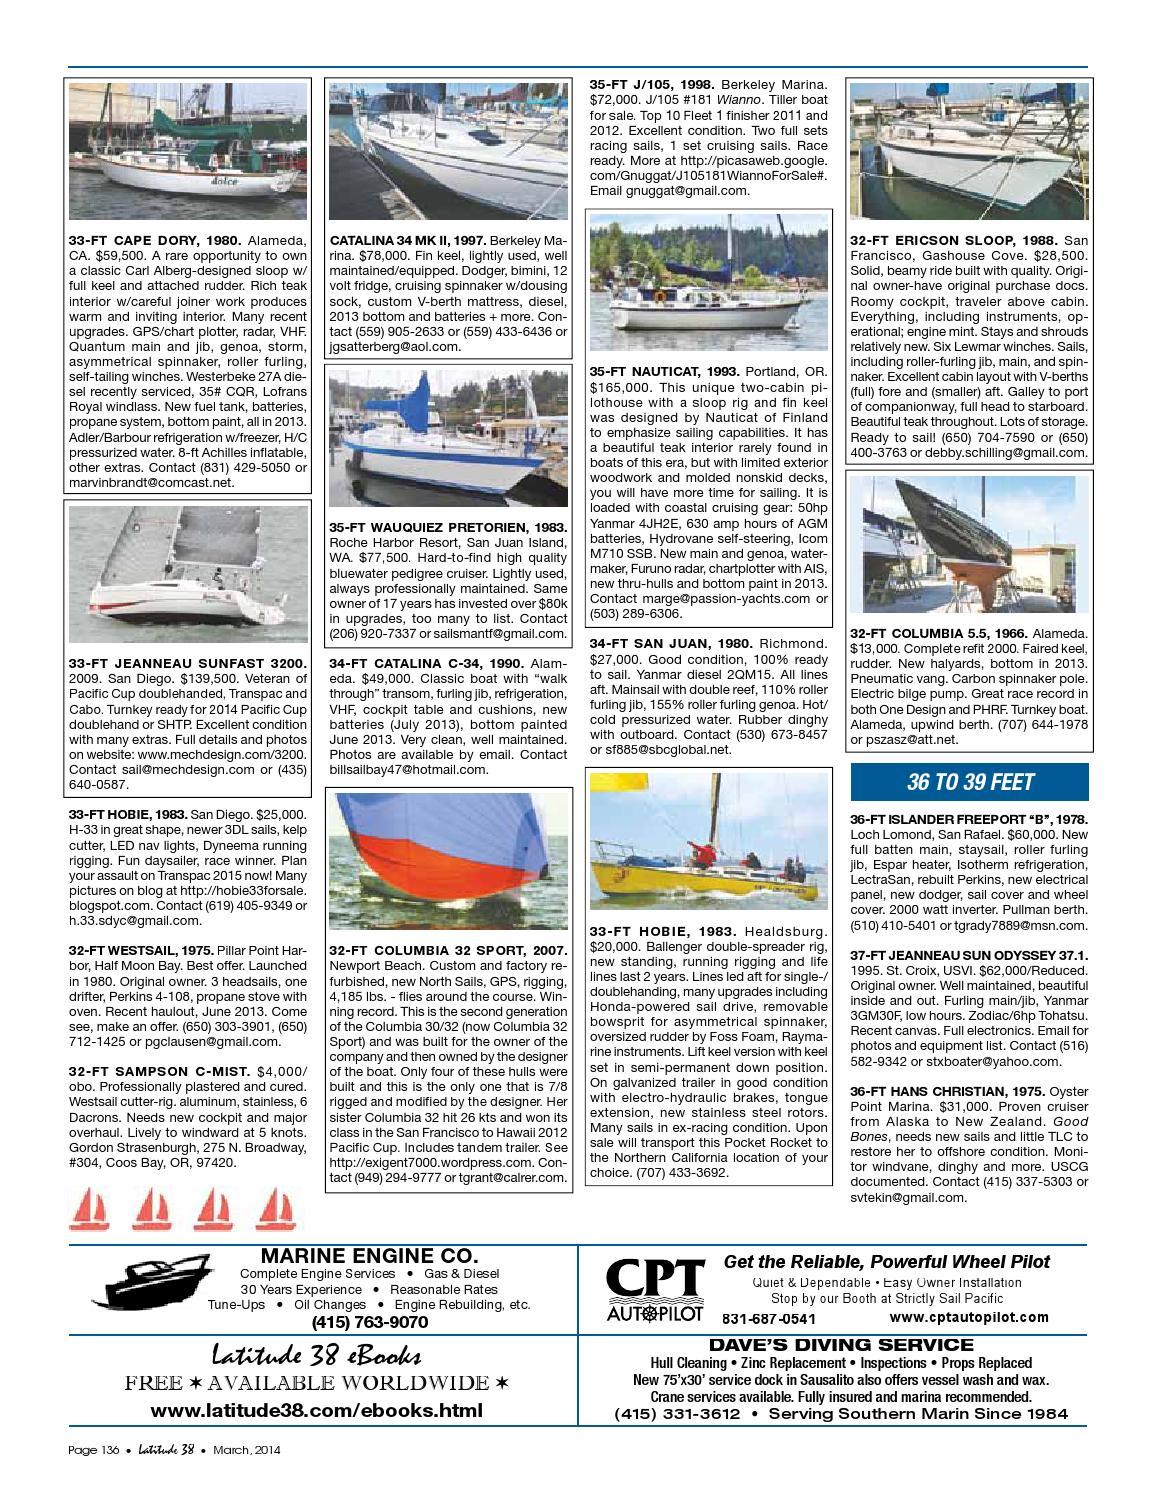 Latitude 38 March 2014 by Latitude 38 Media, LLC - issuu